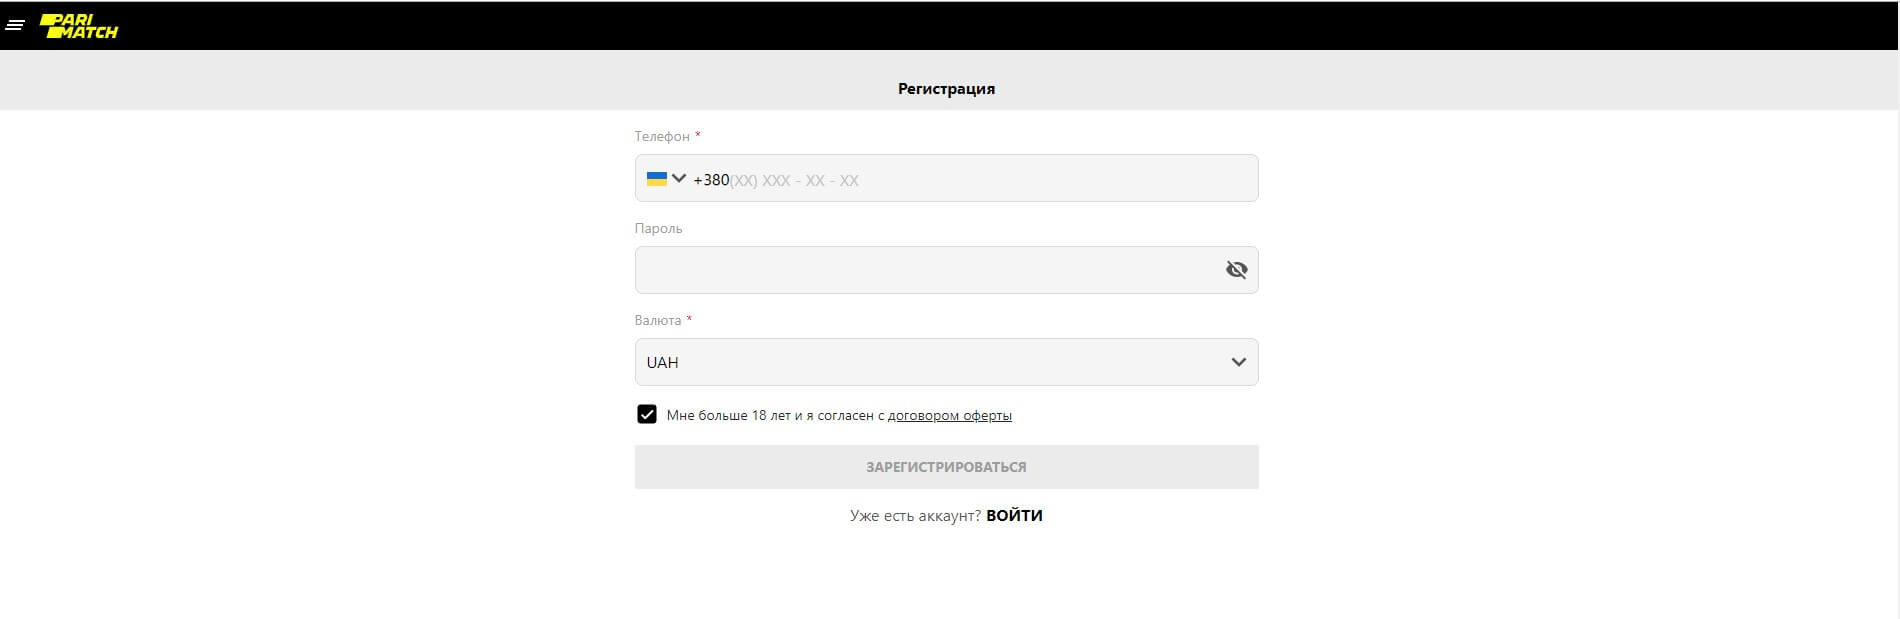 регистрация на официальном сайте париматч